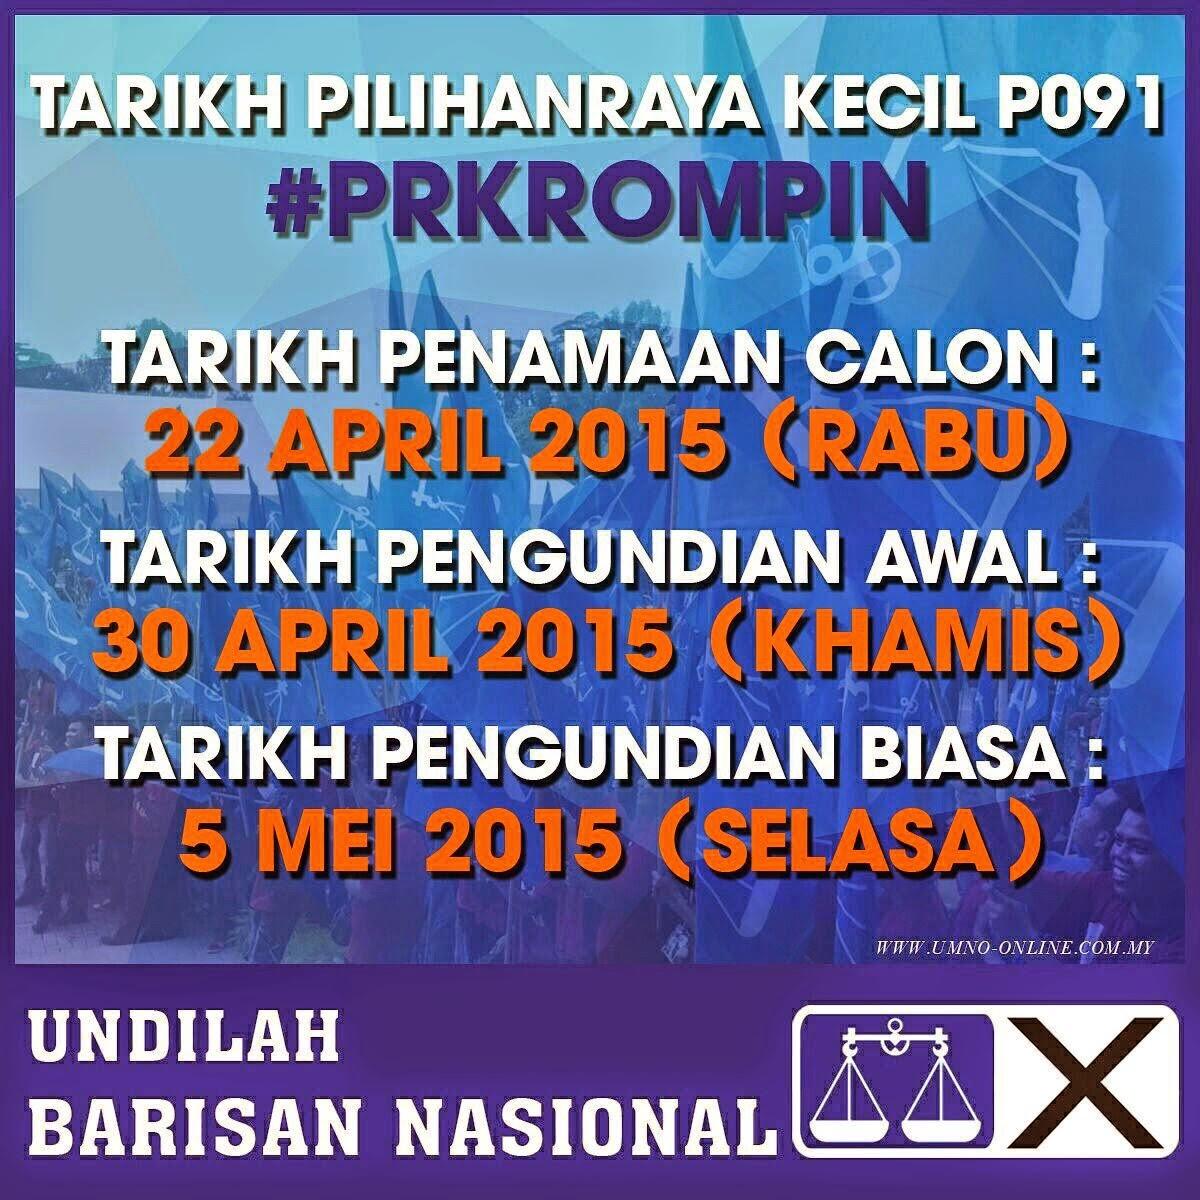 PRK Rompin 2015